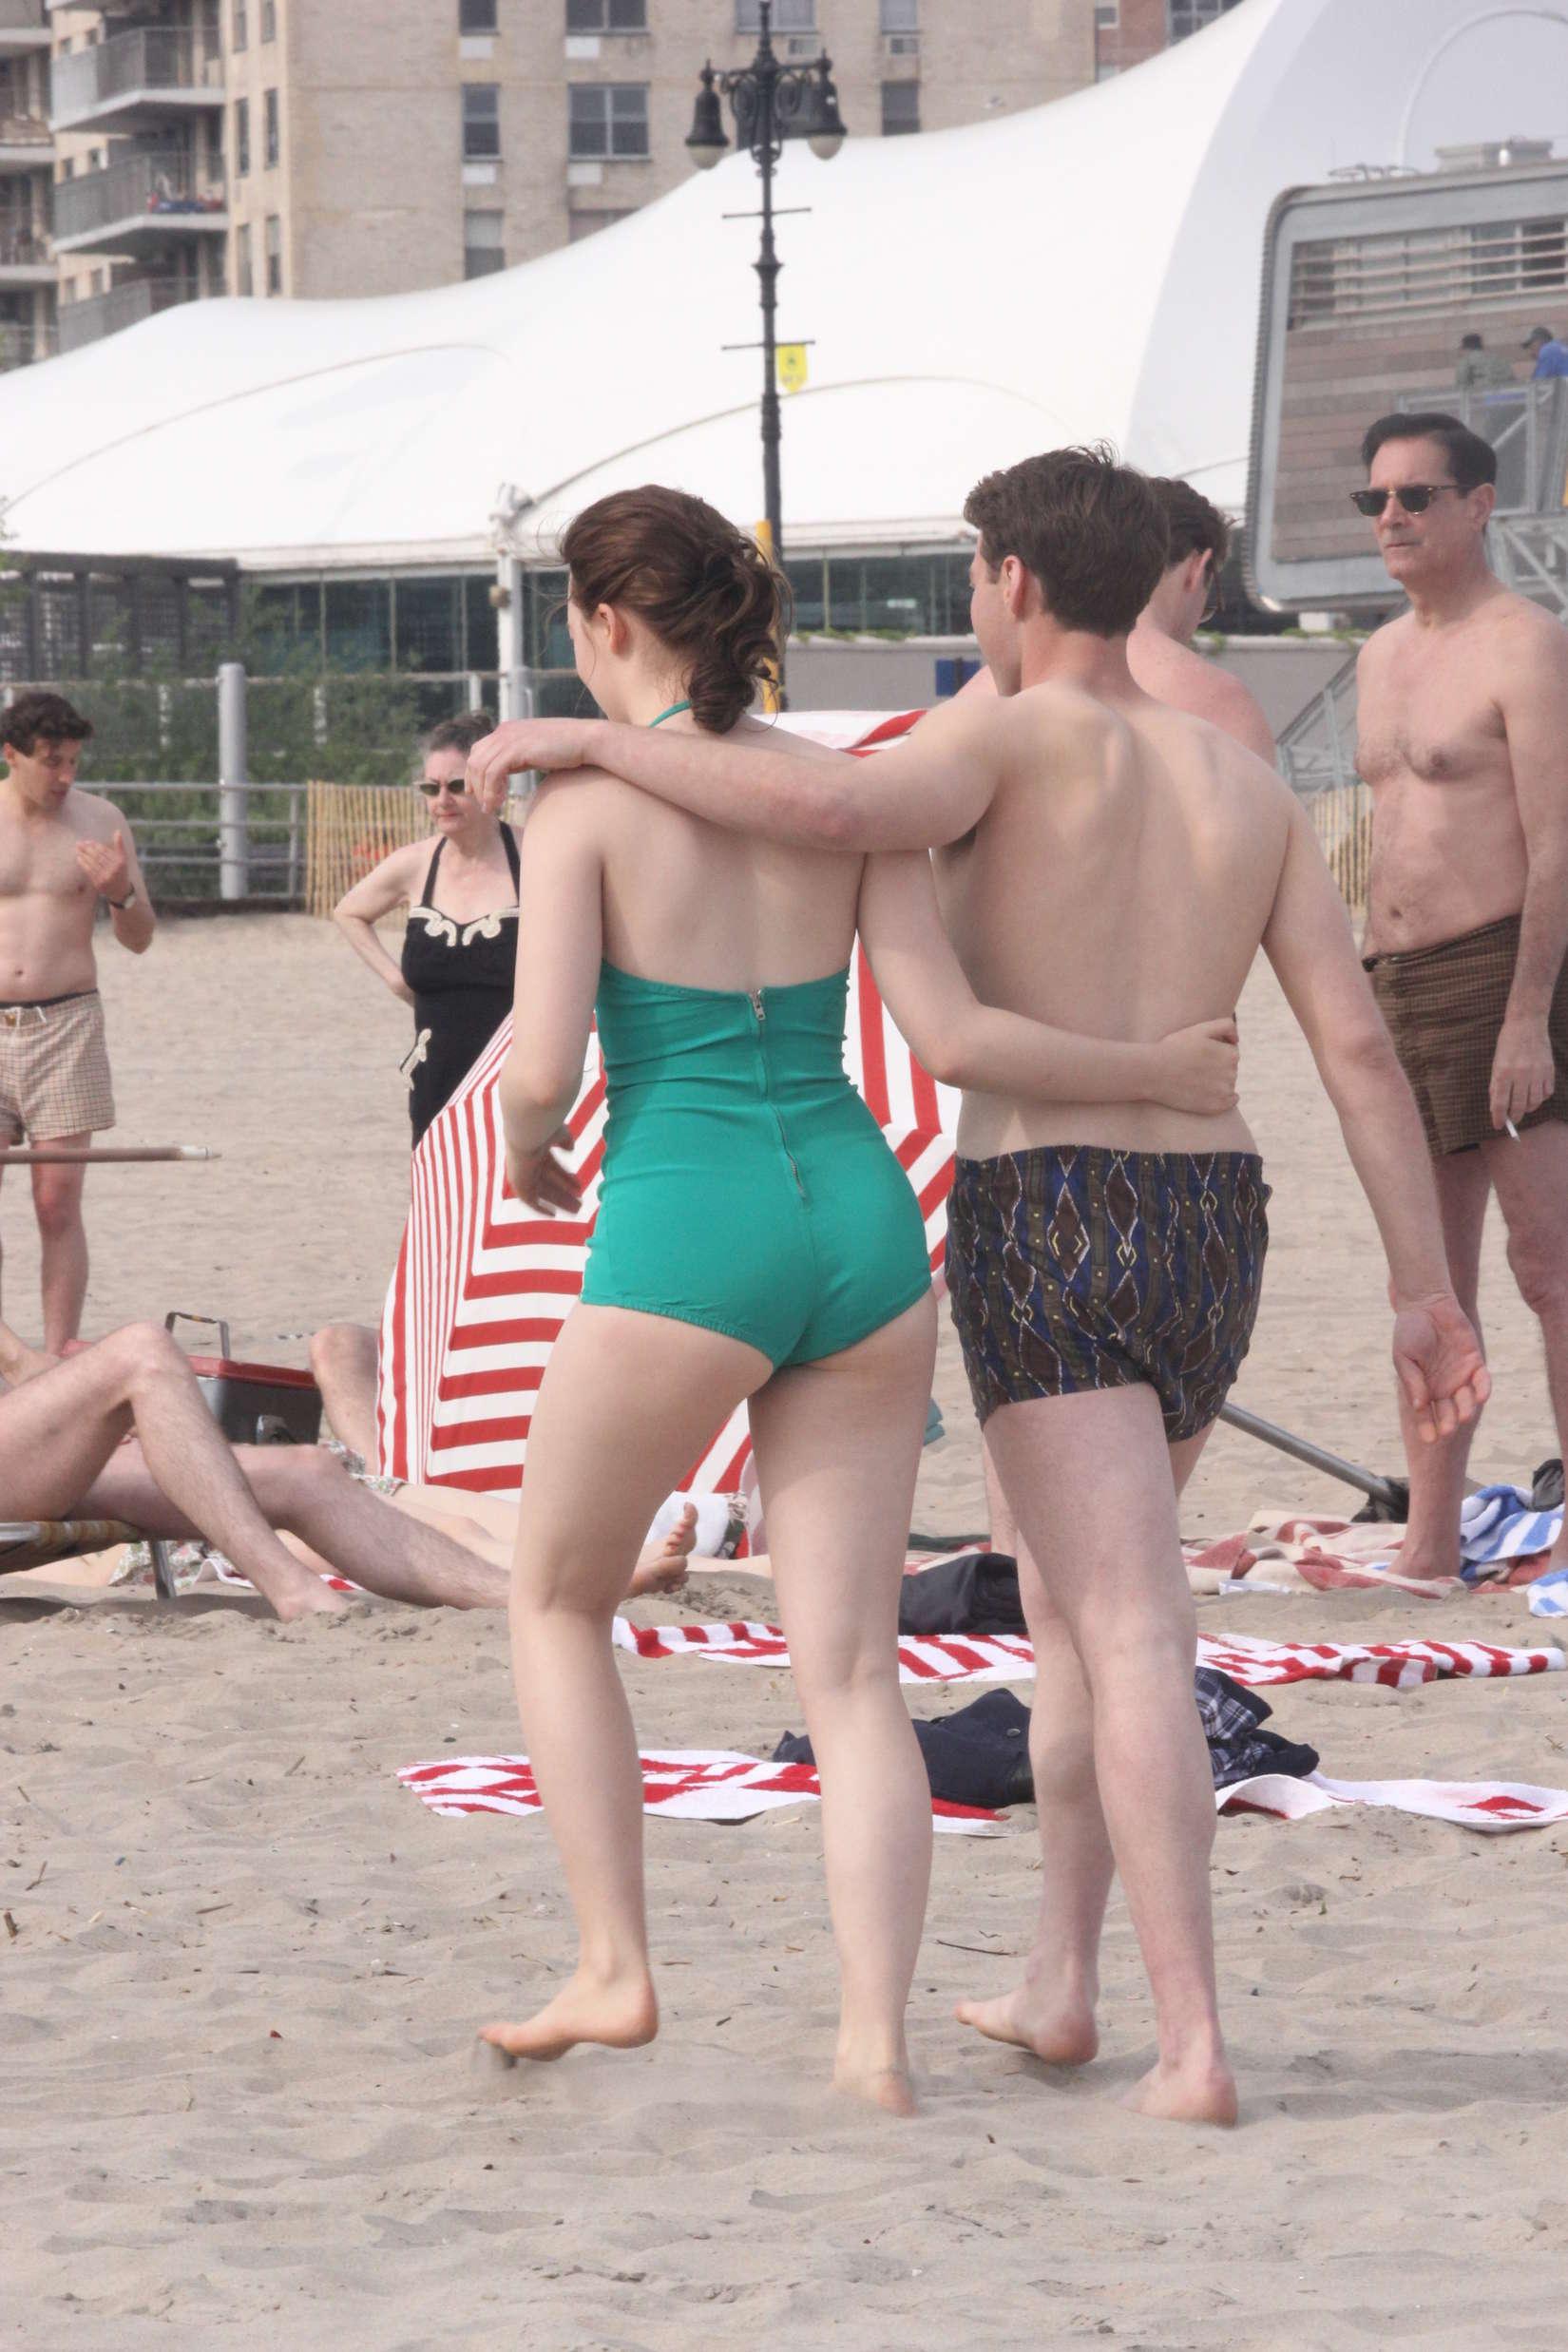 Bikini Saoirse Ronan nude (54 pics), Cleavage